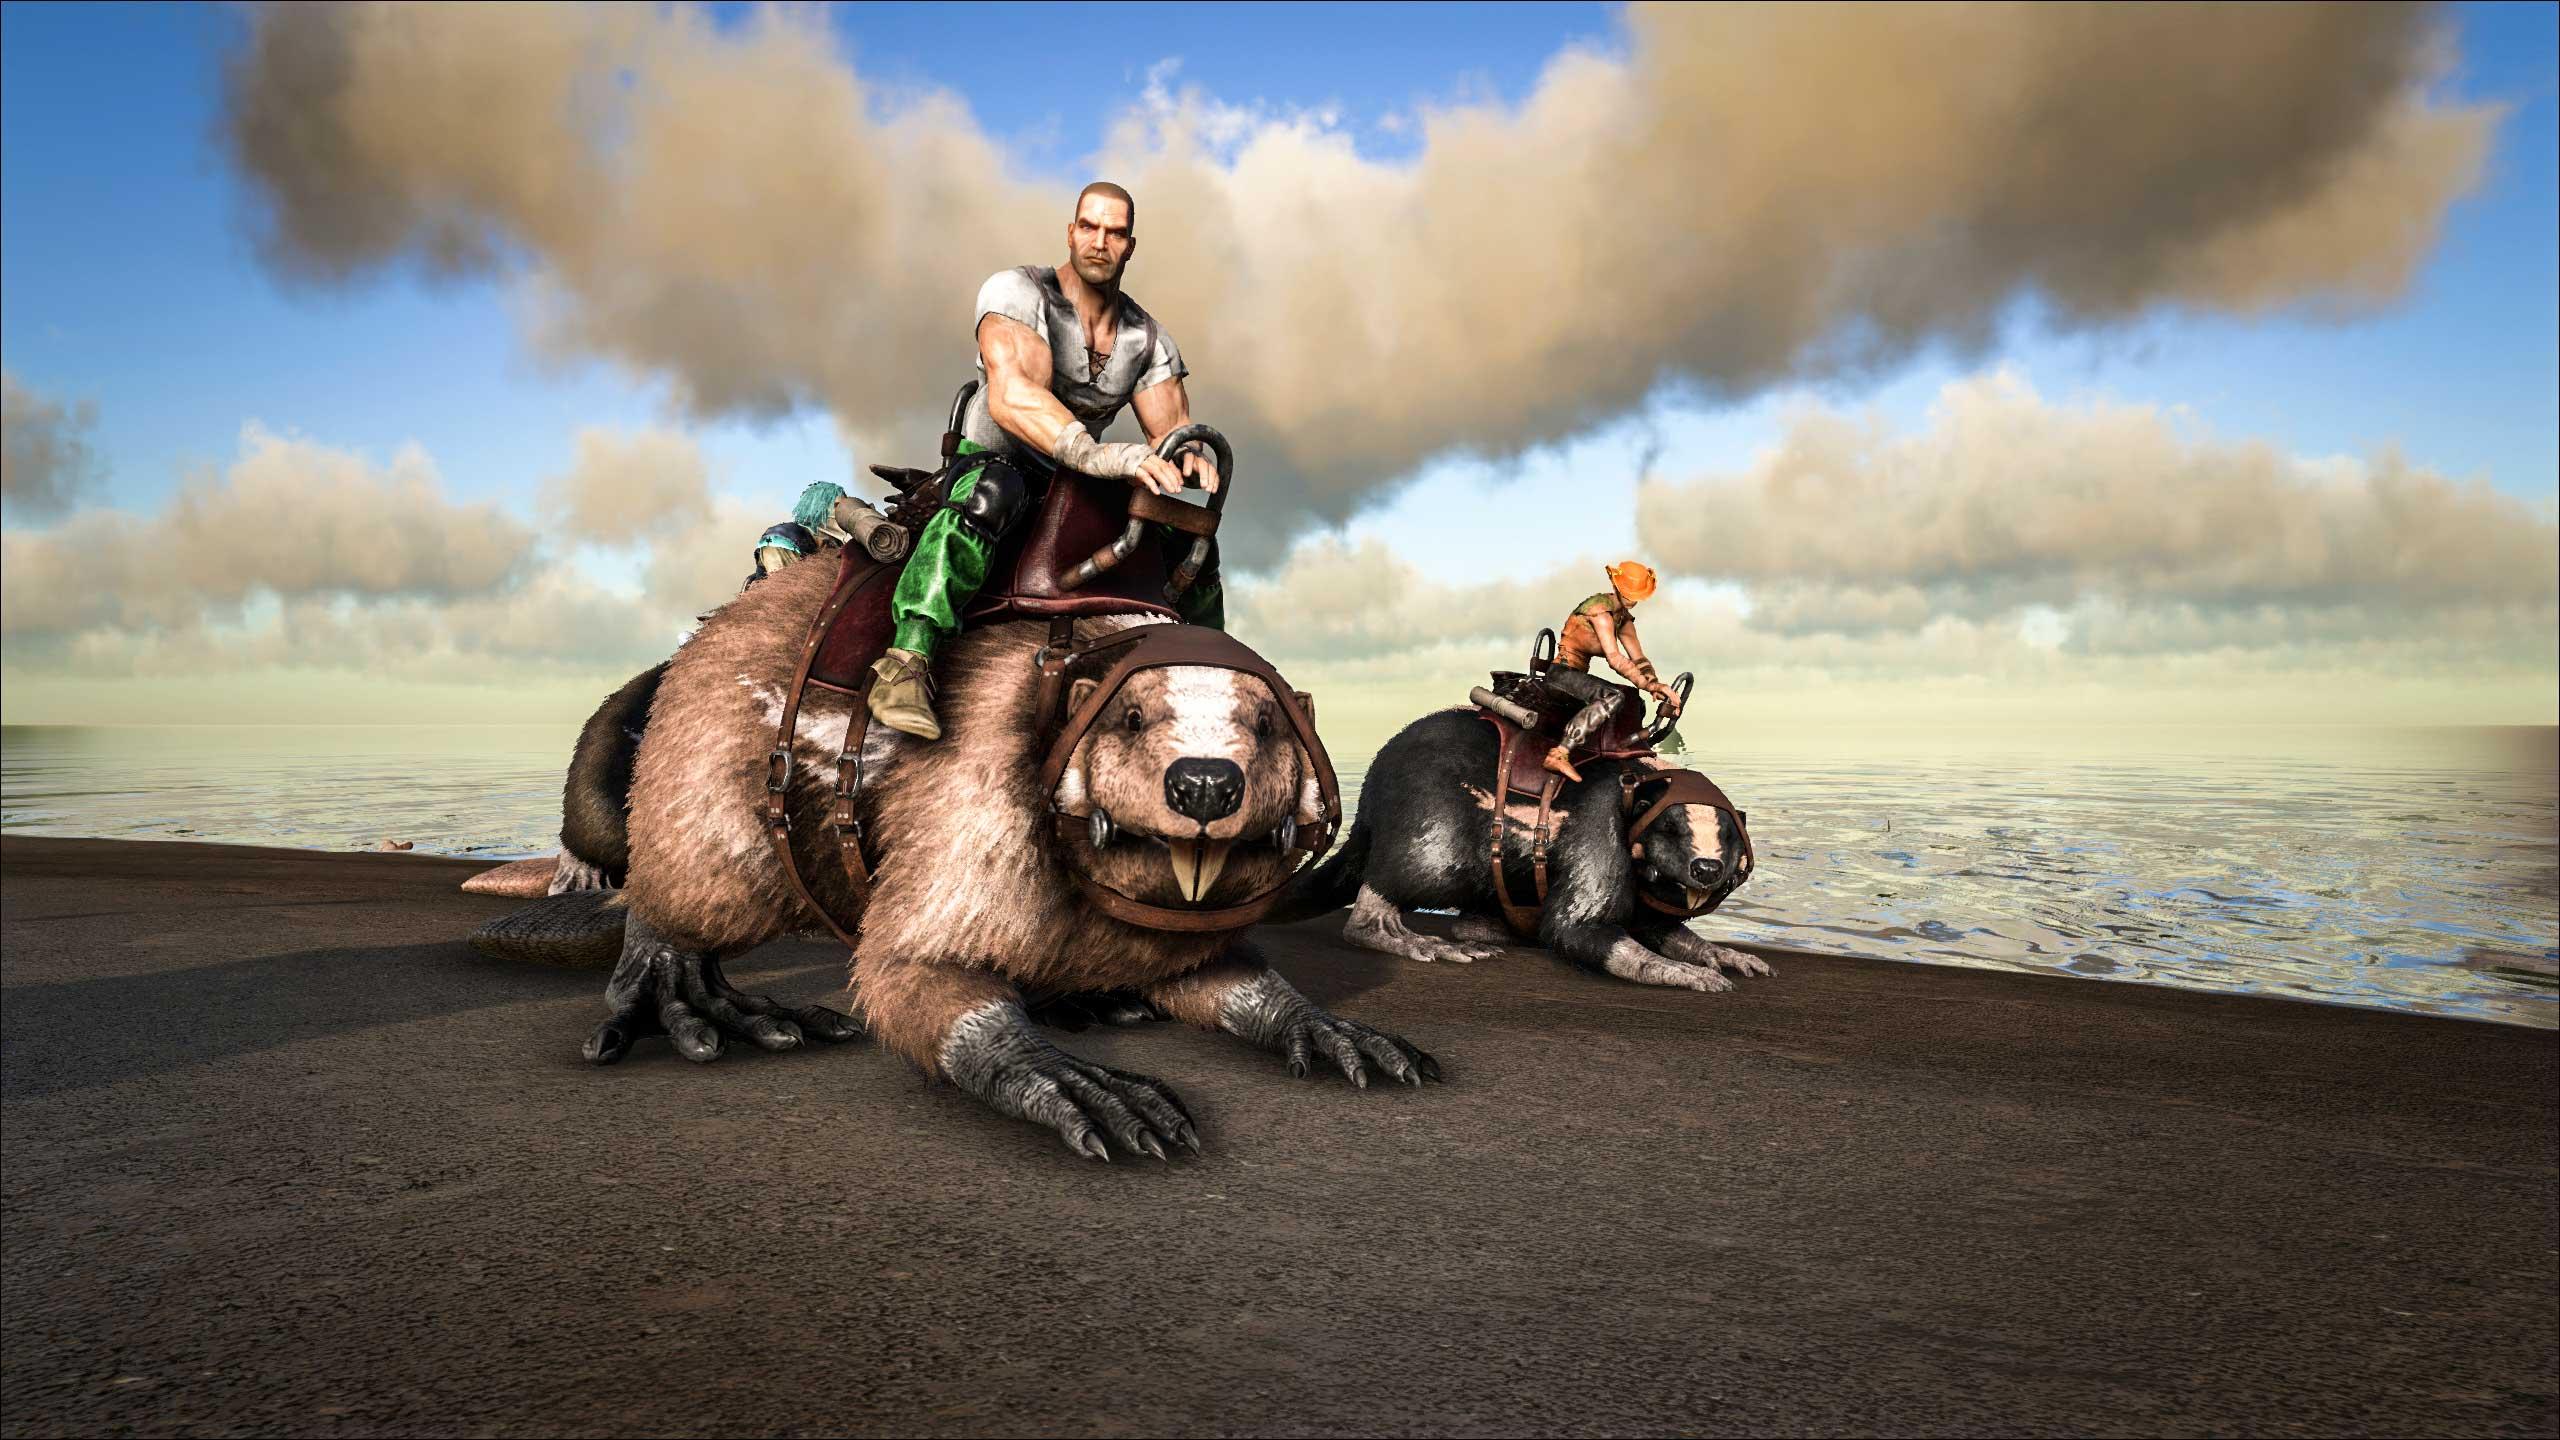 Image for Ark: Survival Evolved full release pushed back, Ragnorak DLC also delayed